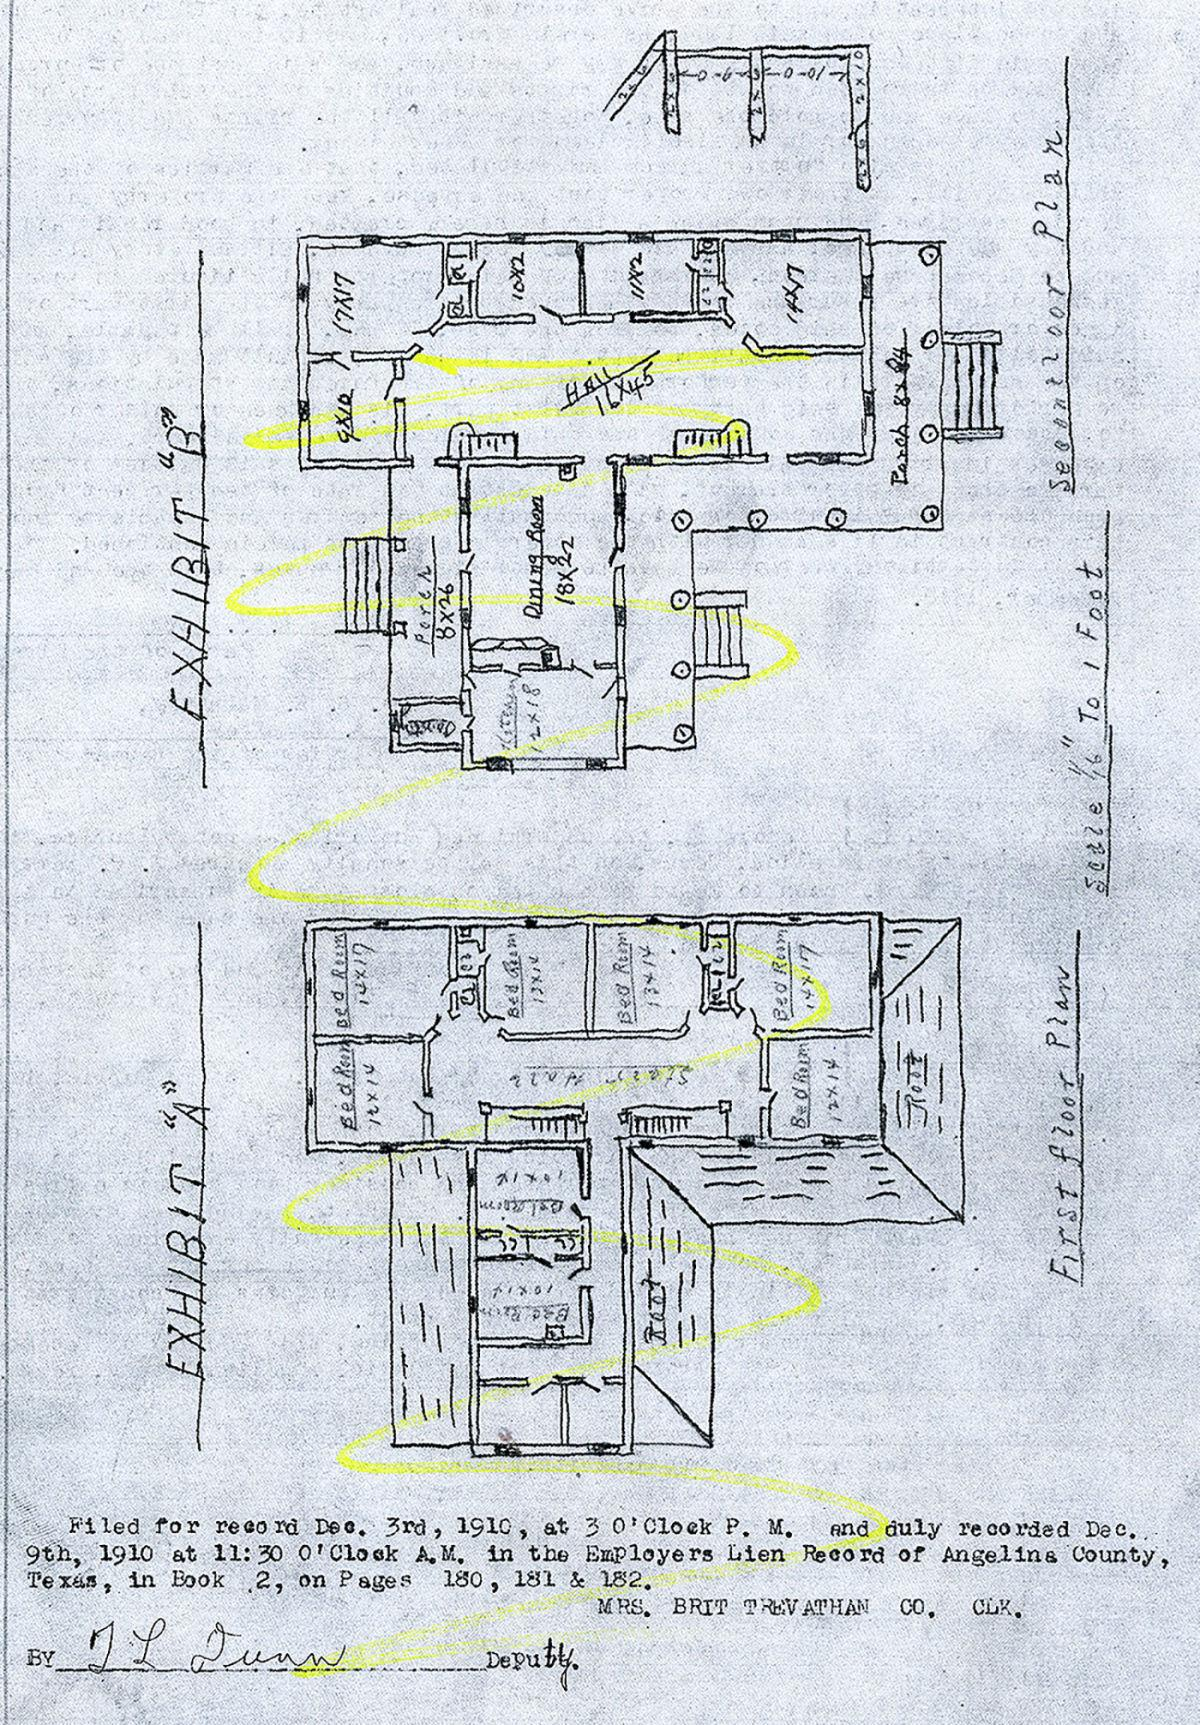 Mahaffey Hotel floor plan